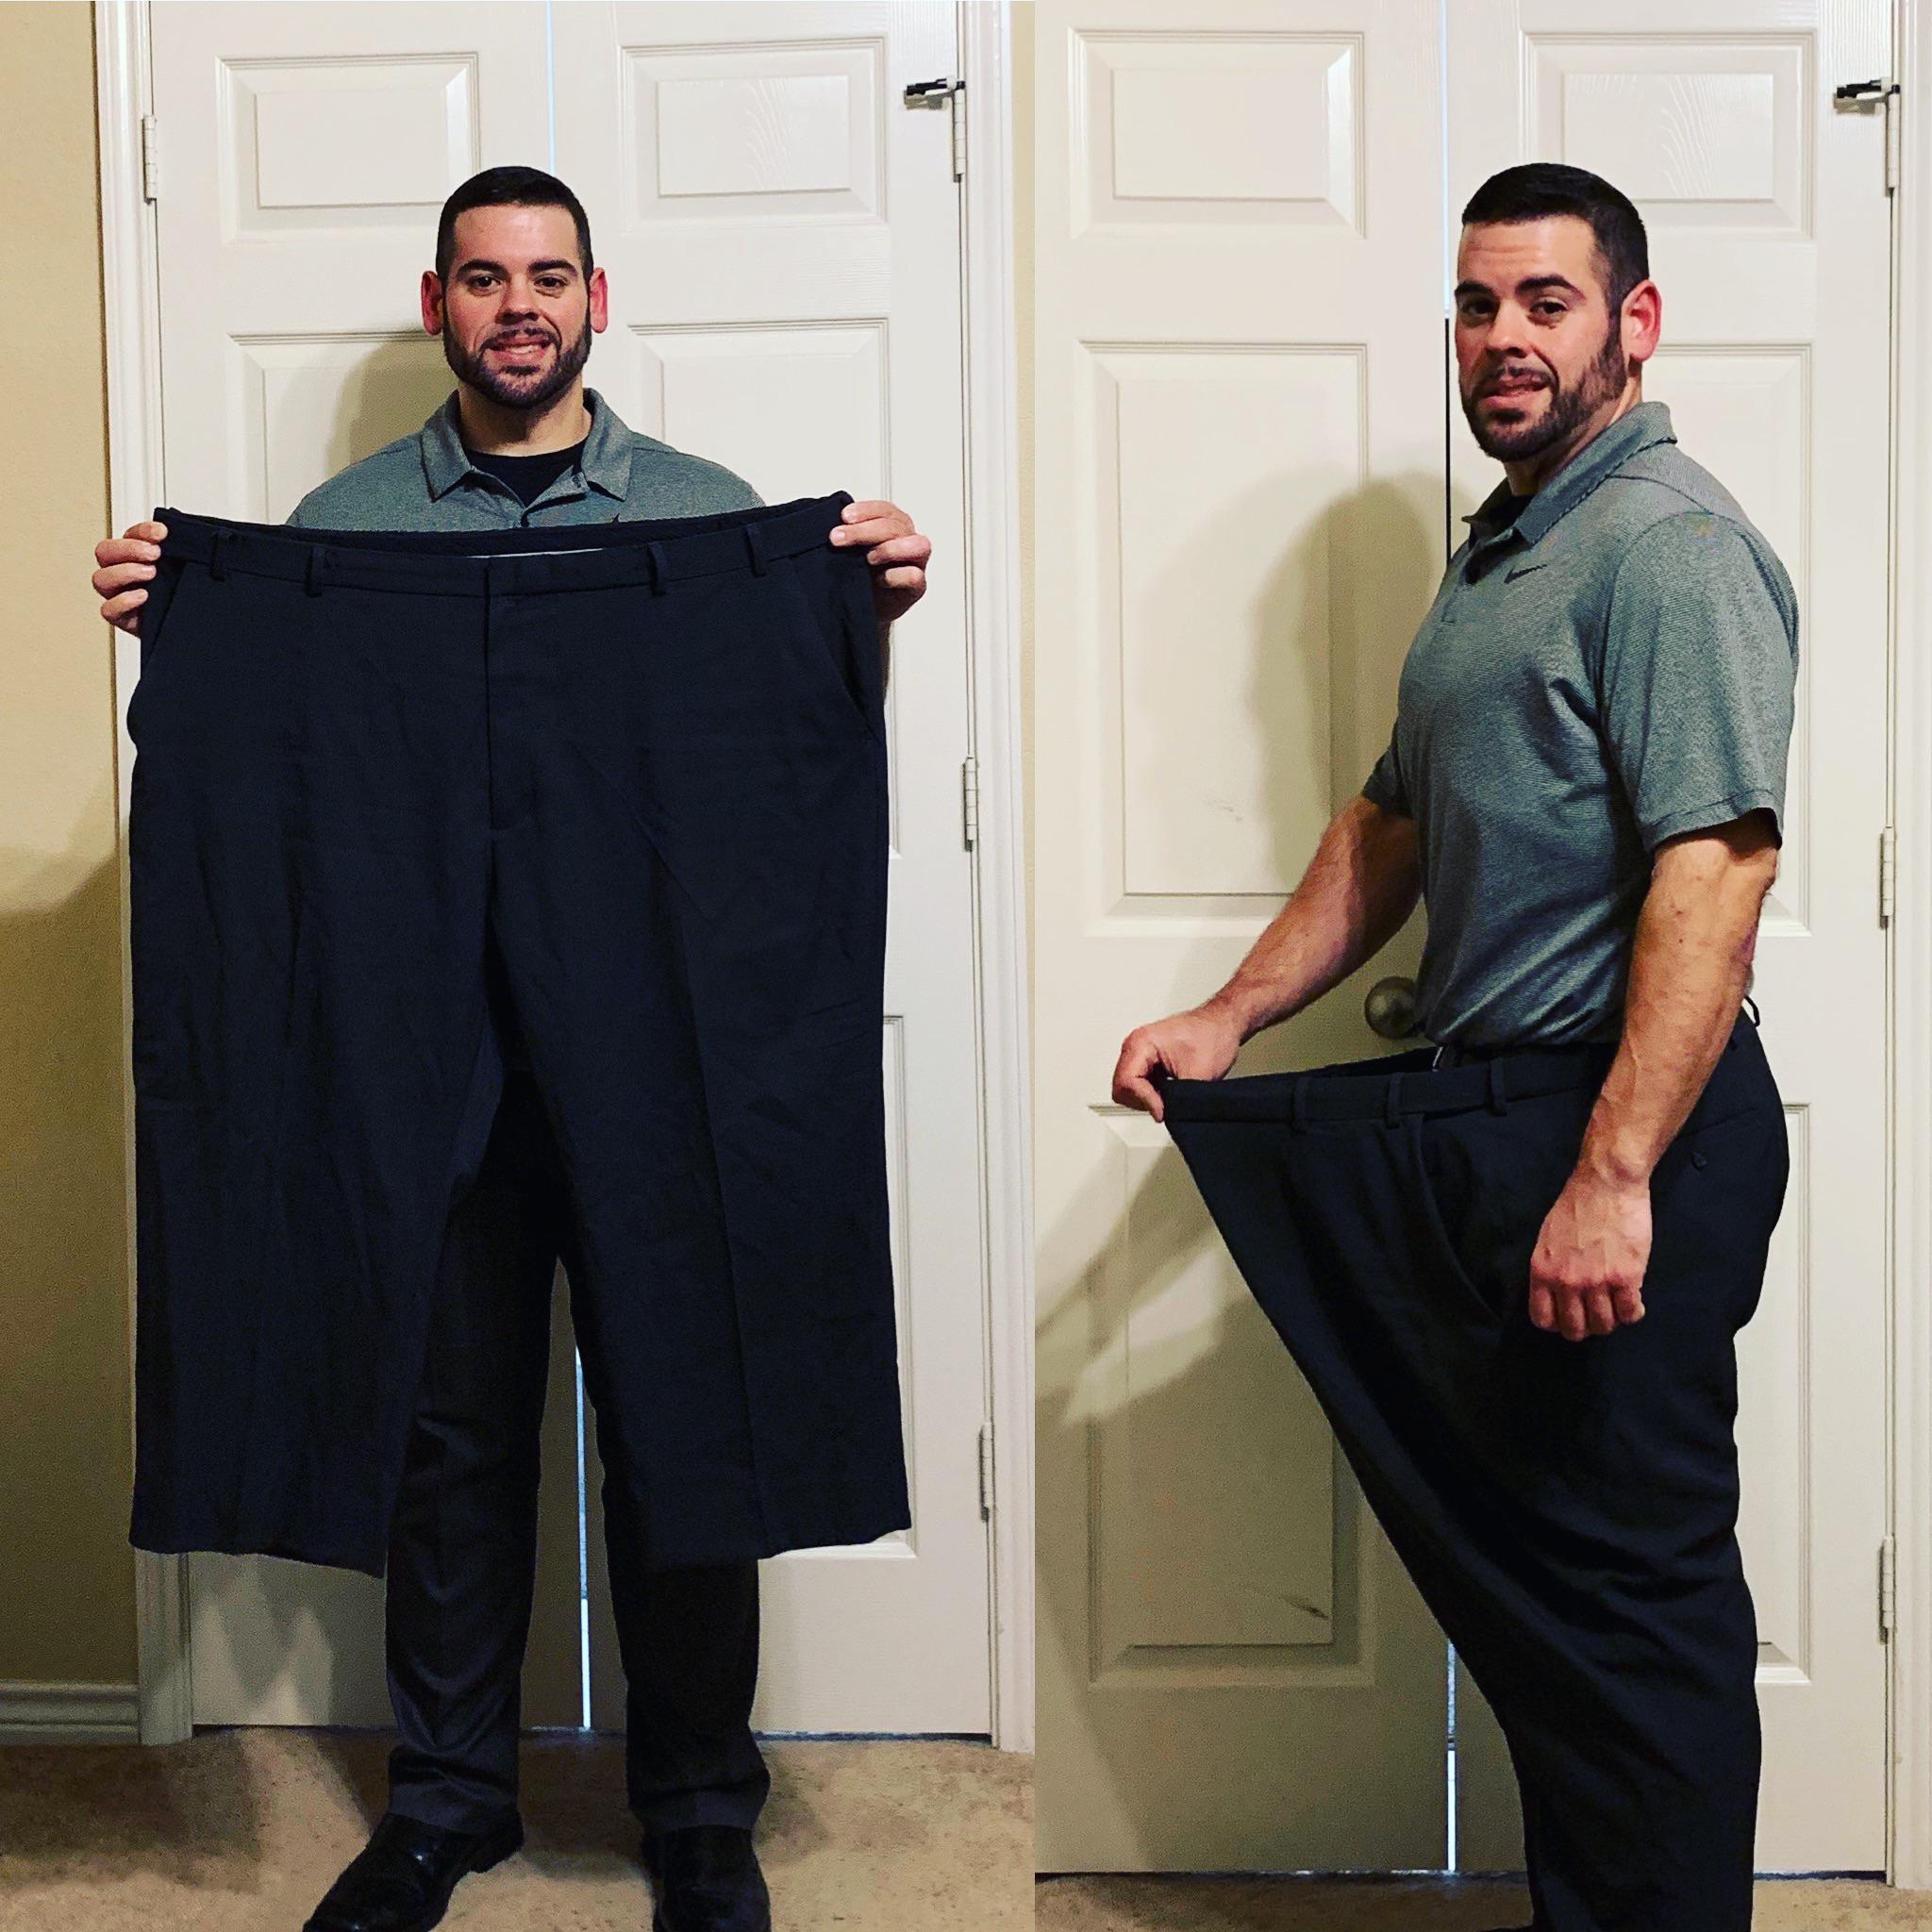 5 foot 10 Male Progress Pics of 191 lbs Fat Loss 405 lbs to 214 lbs